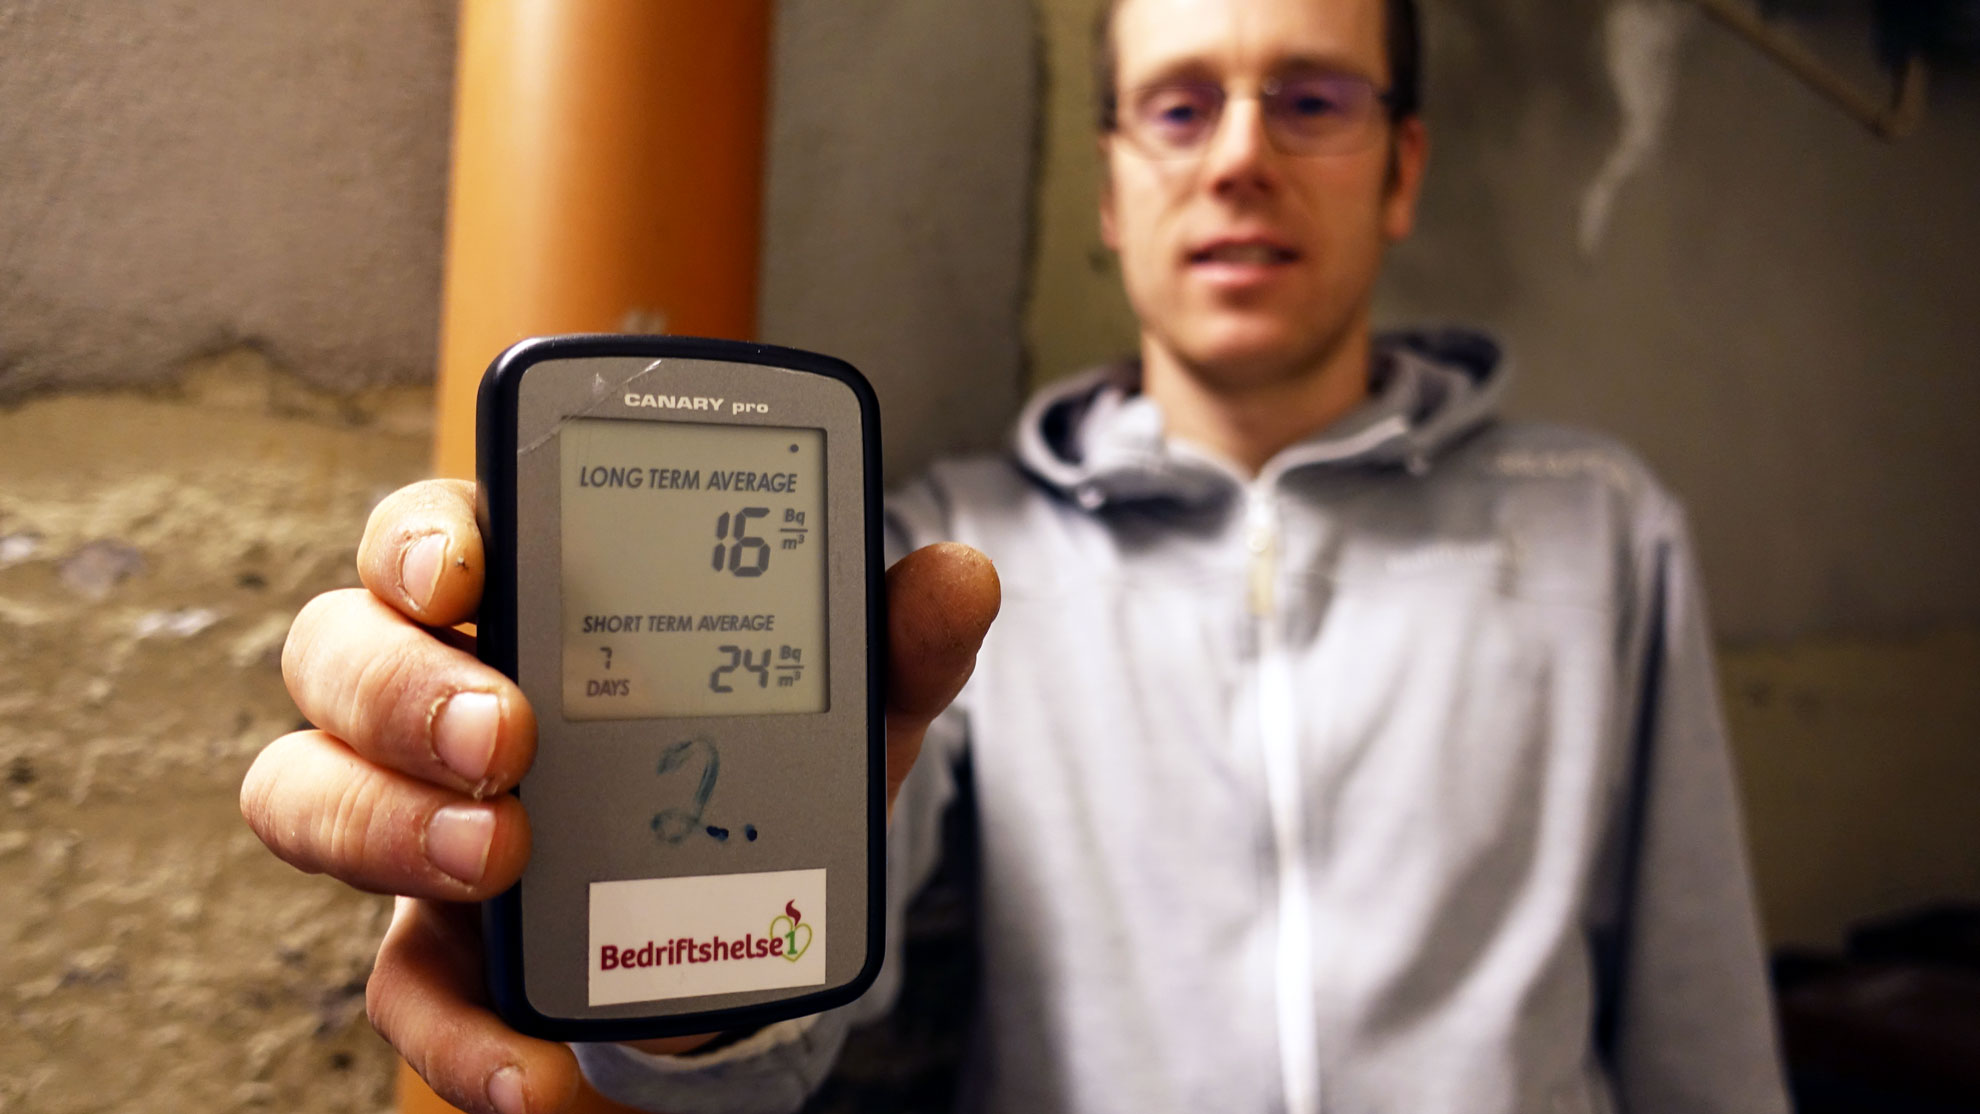 Bedriftshelse1 sine verneingeniørar jobbar med å måle radon-nivået på arbeidsplassar, samt ei rekkje andre oppgåver innan rådgiving for innreiing og støy.